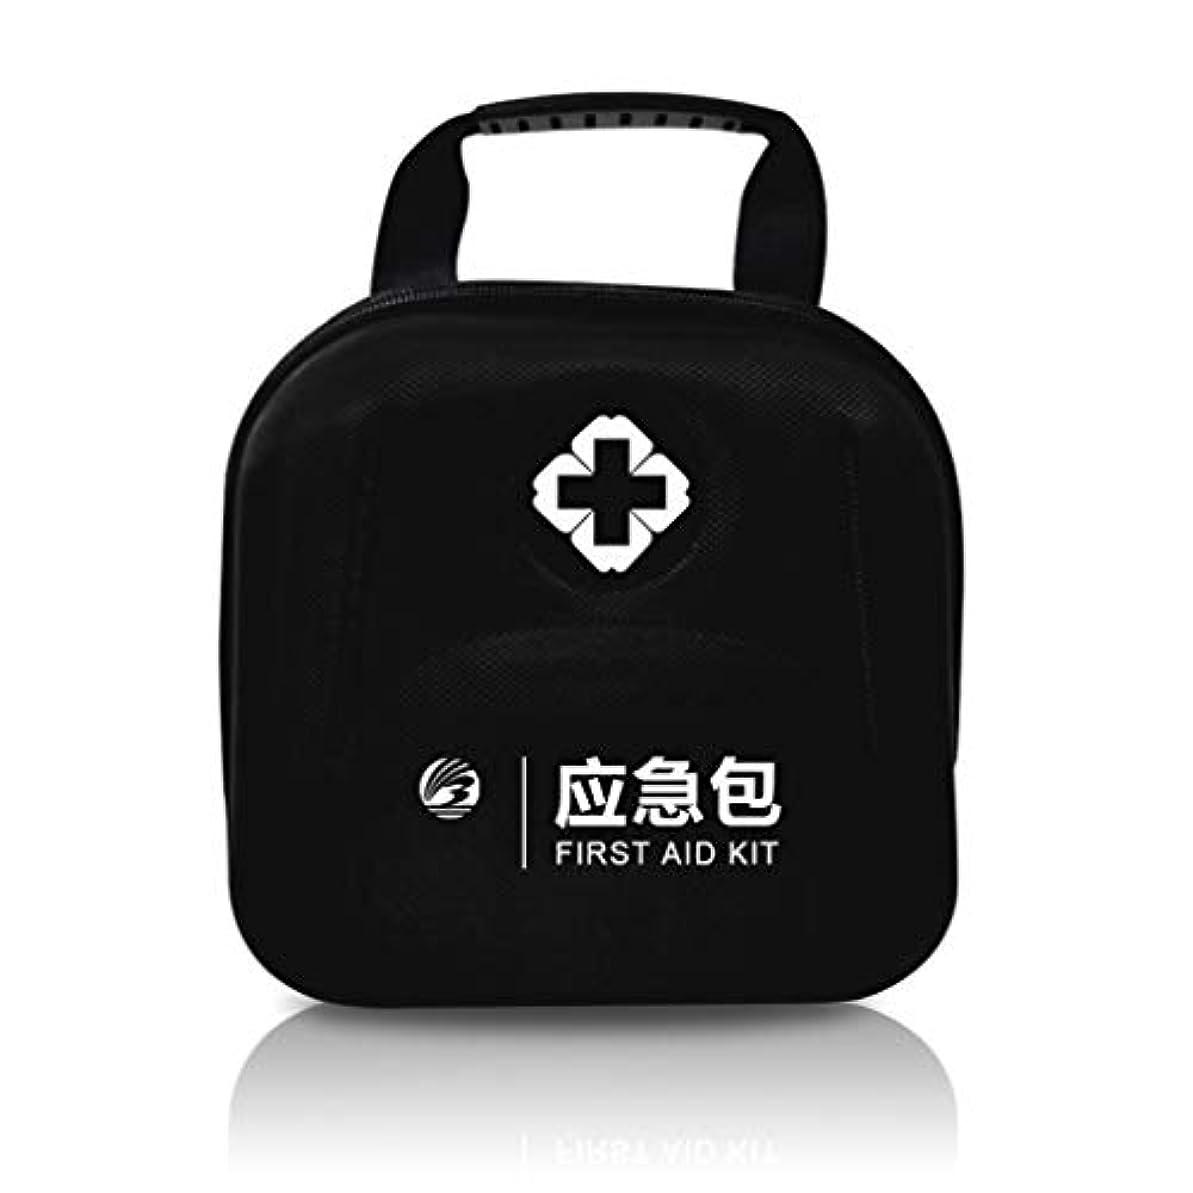 違反エイズ邪悪な医療用キット ホームスポーツ/ 4オプションの色に適した携帯用救急箱屋外車キット旅行医療バッグ QDDSP (Color : Black)